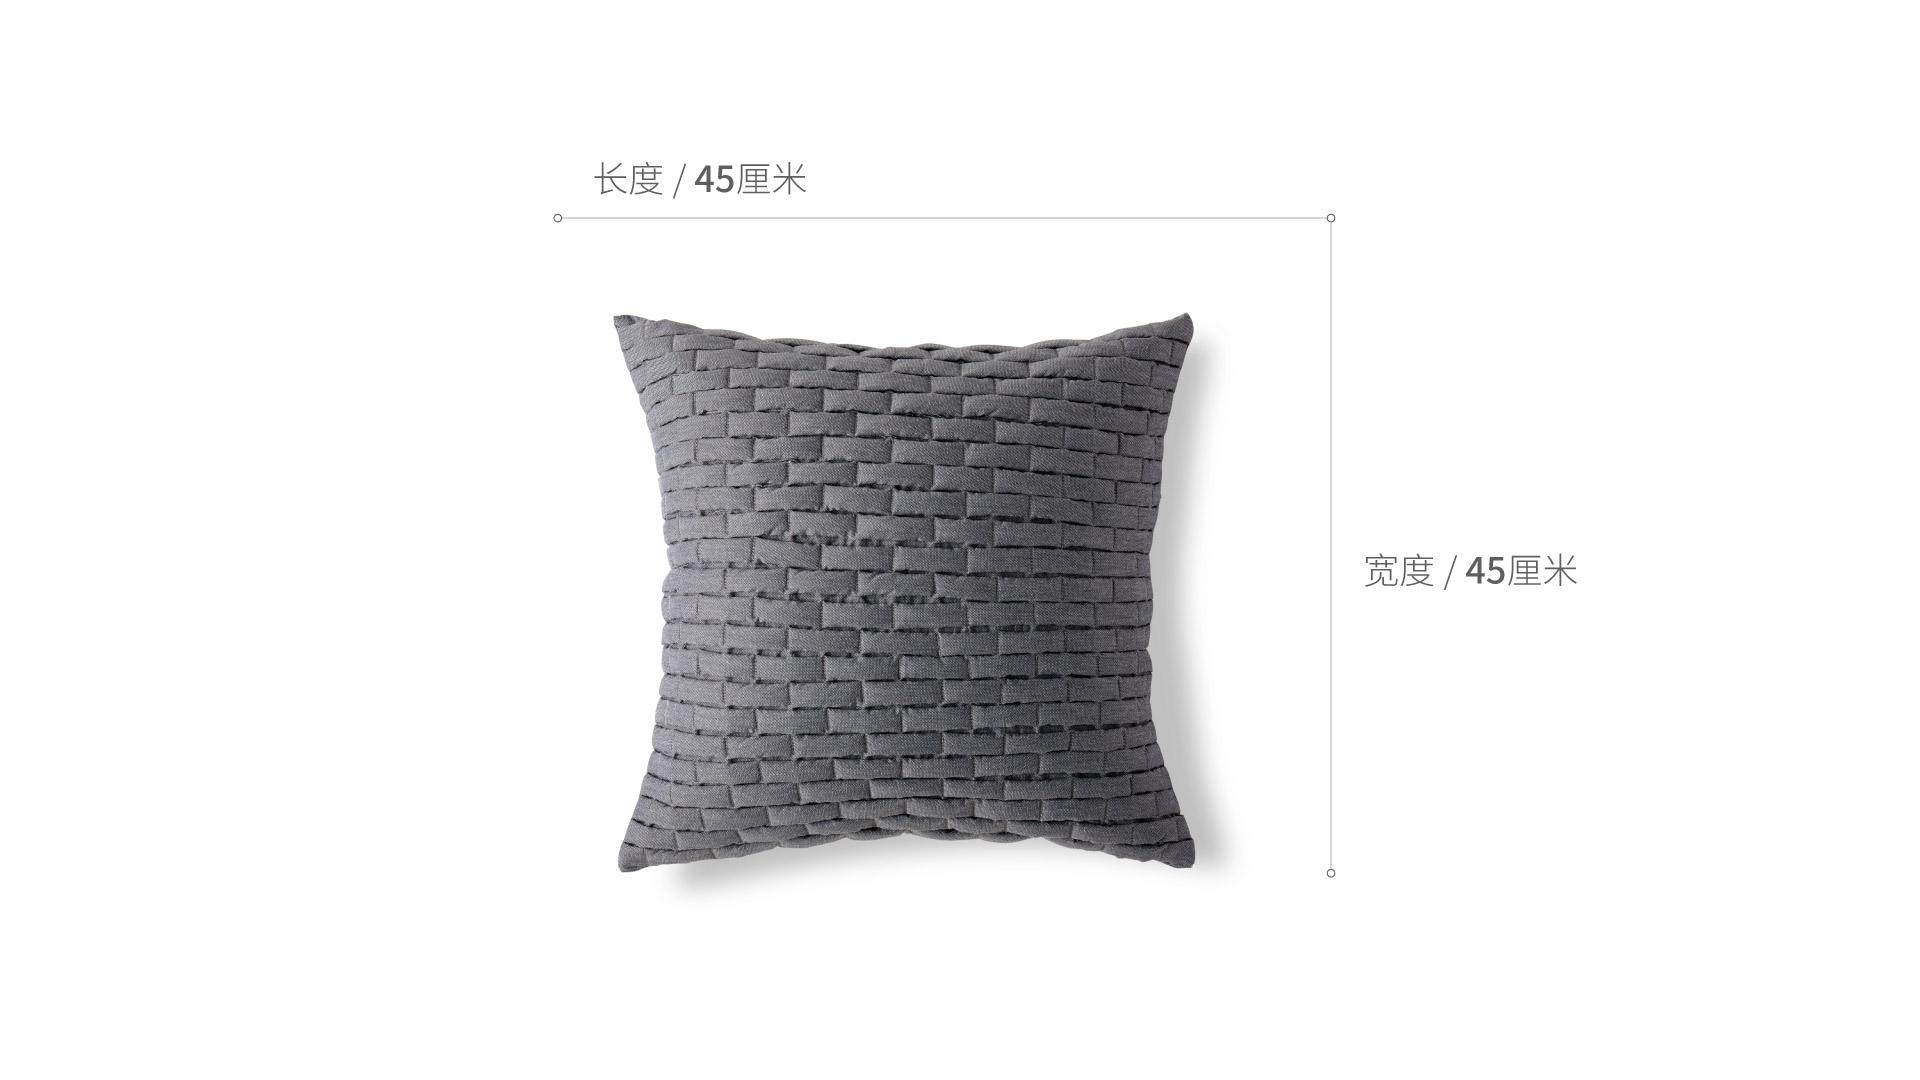 竹枝弹力复合纤维抱枕家纺效果图